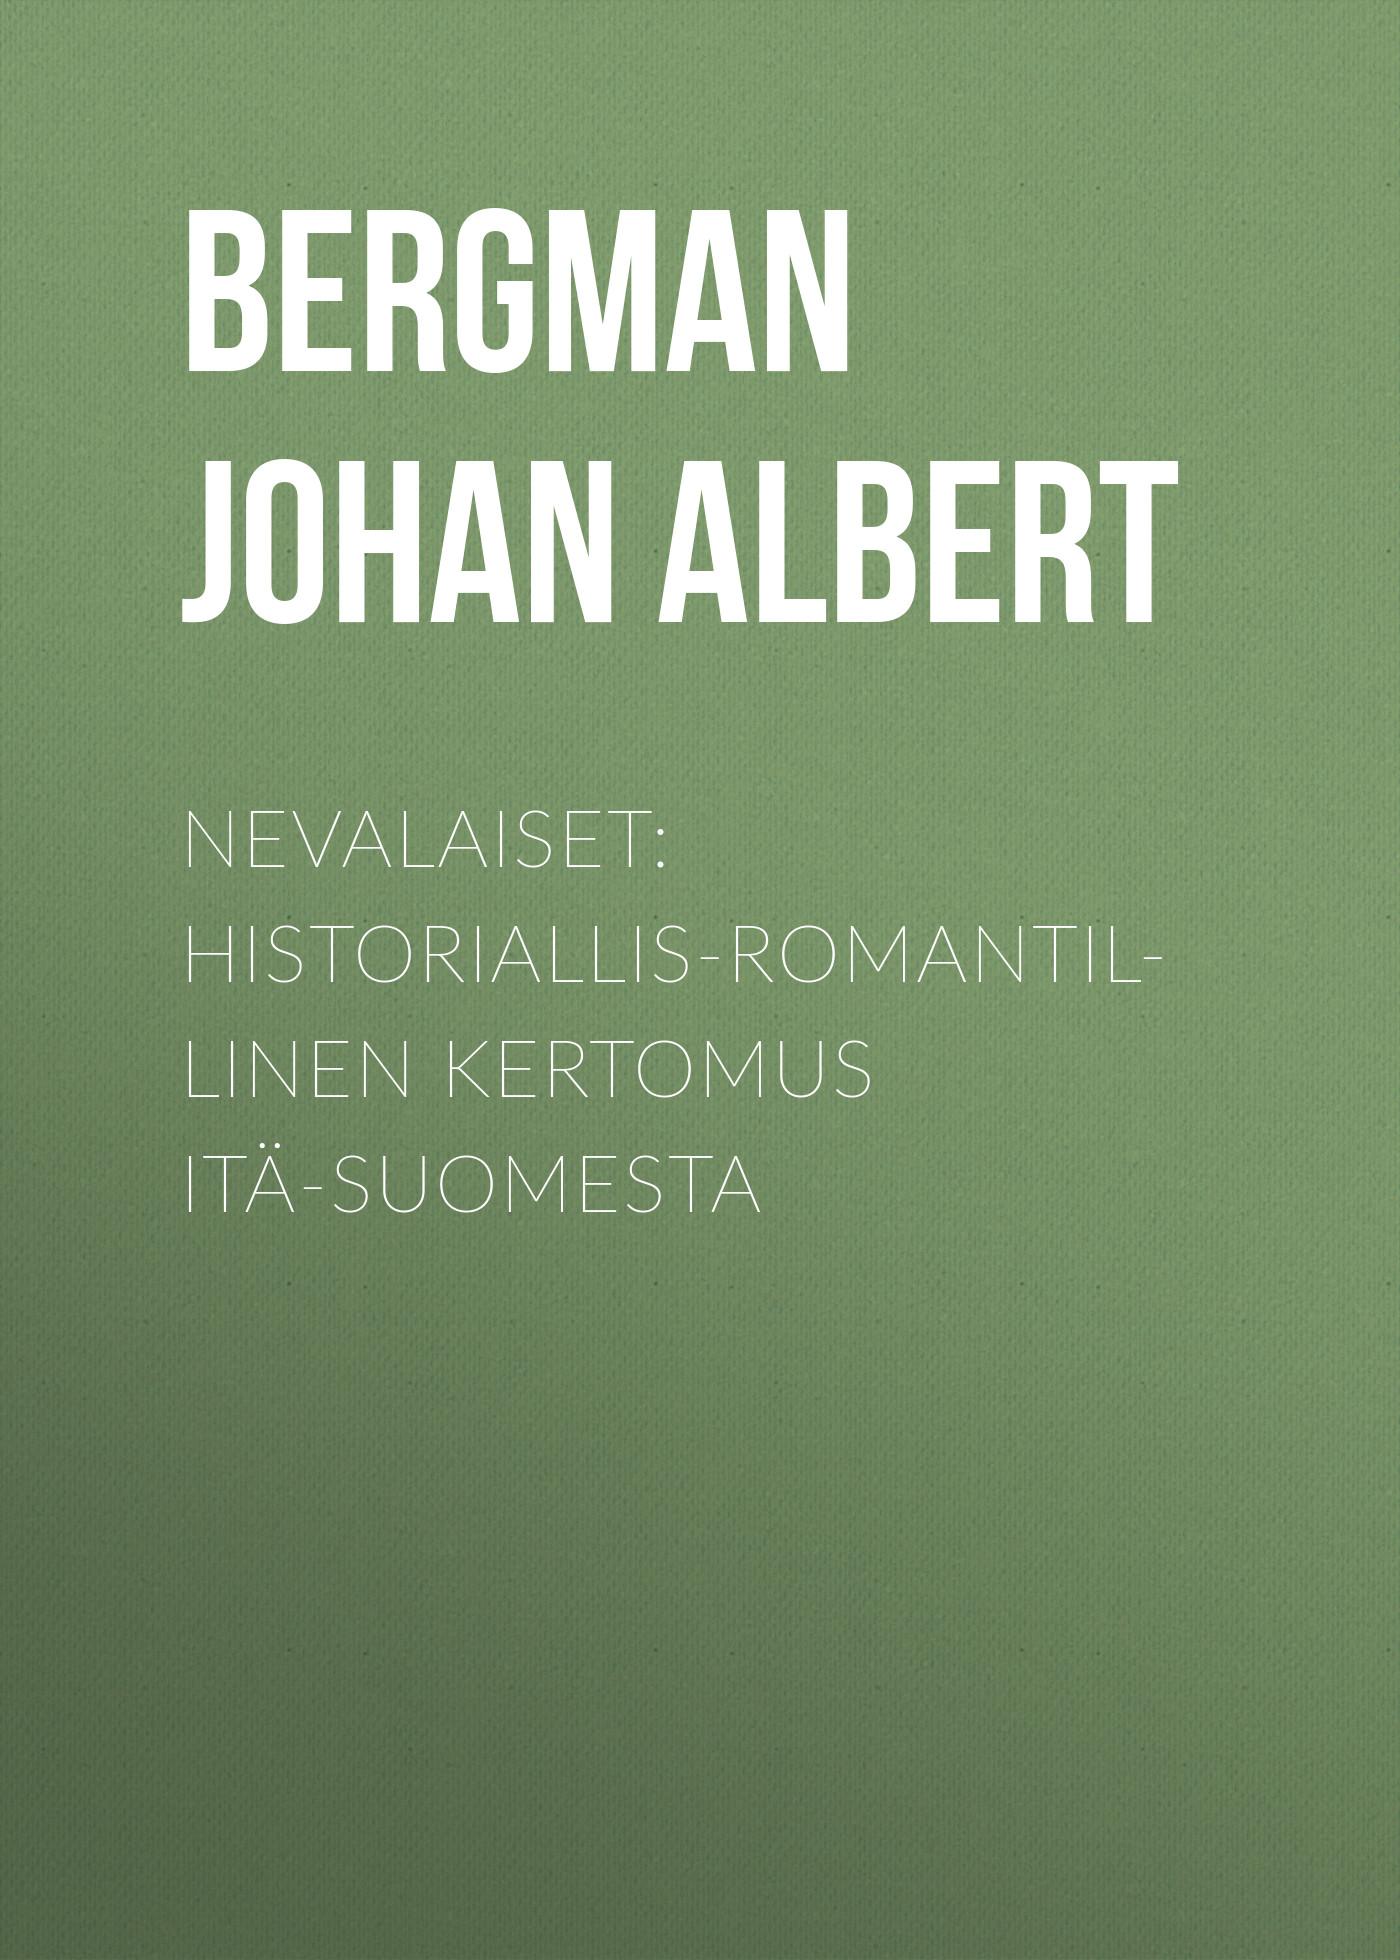 Bergman Johan Albert Nevalaiset: Historiallis-romantillinen kertomus Itä-Suomesta jacob ahrenberg hihhuleita kuvauksia itä suomesta